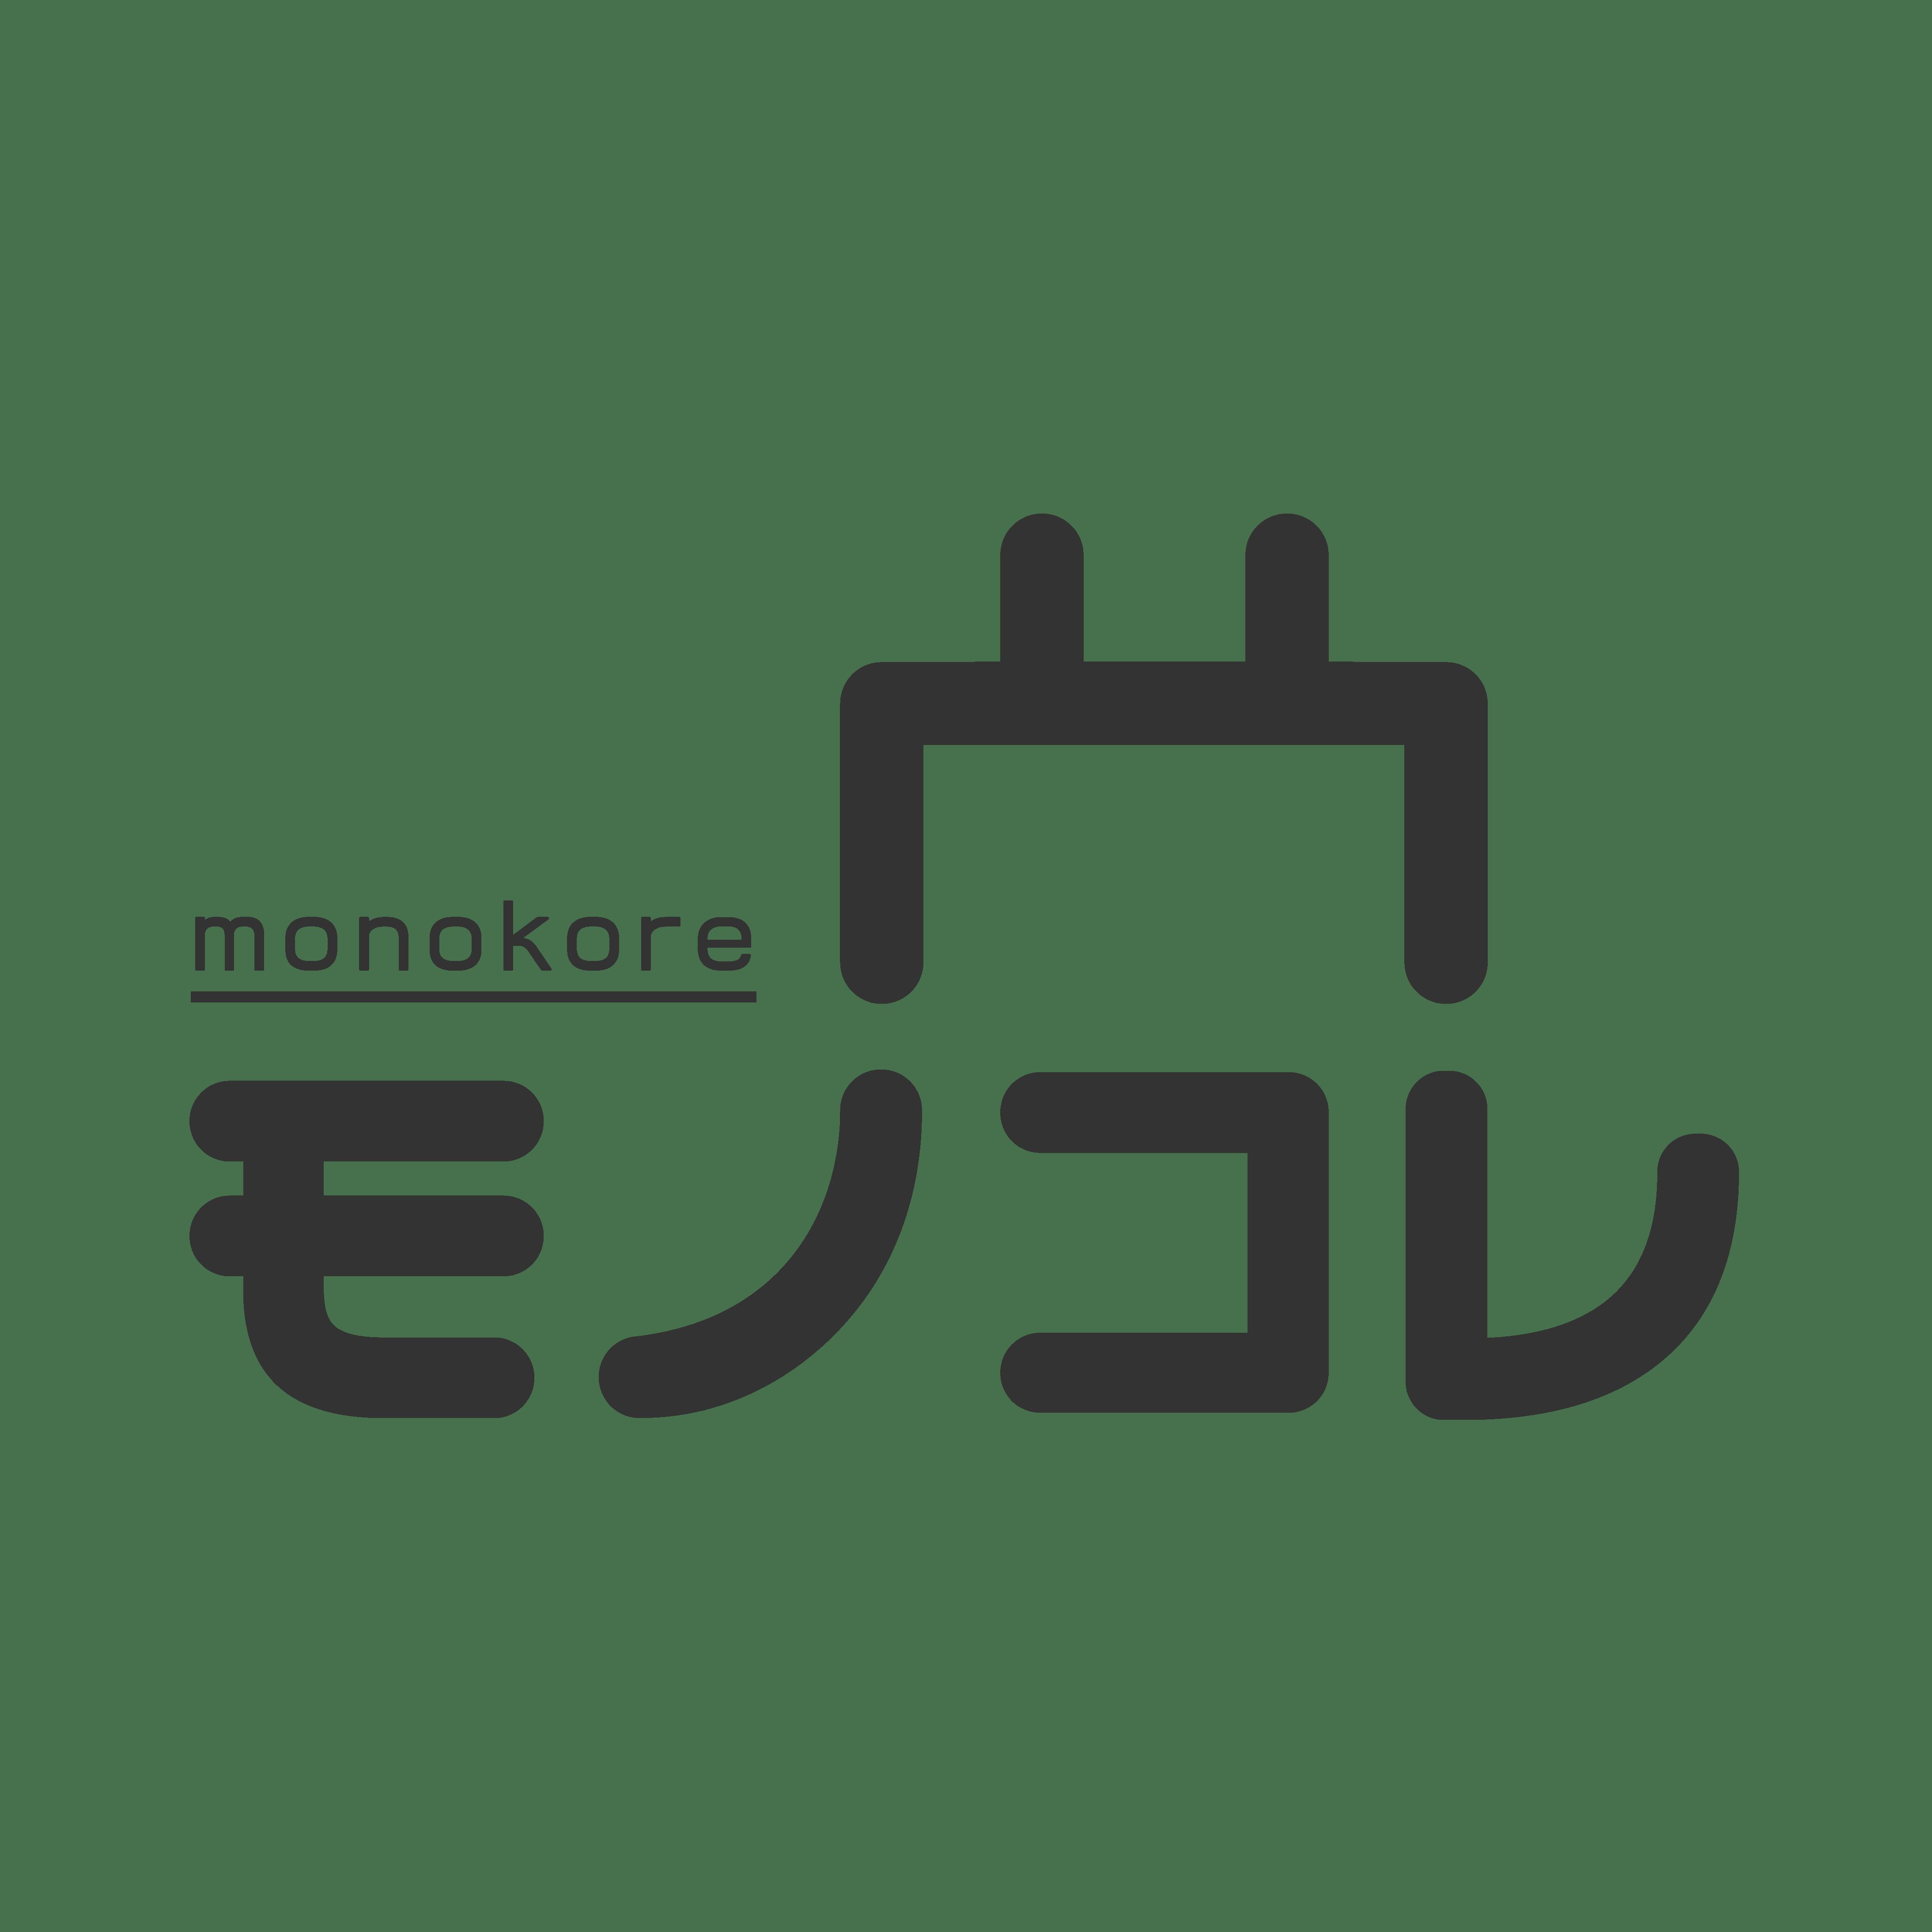 株式会社モノコレ さま ロゴ